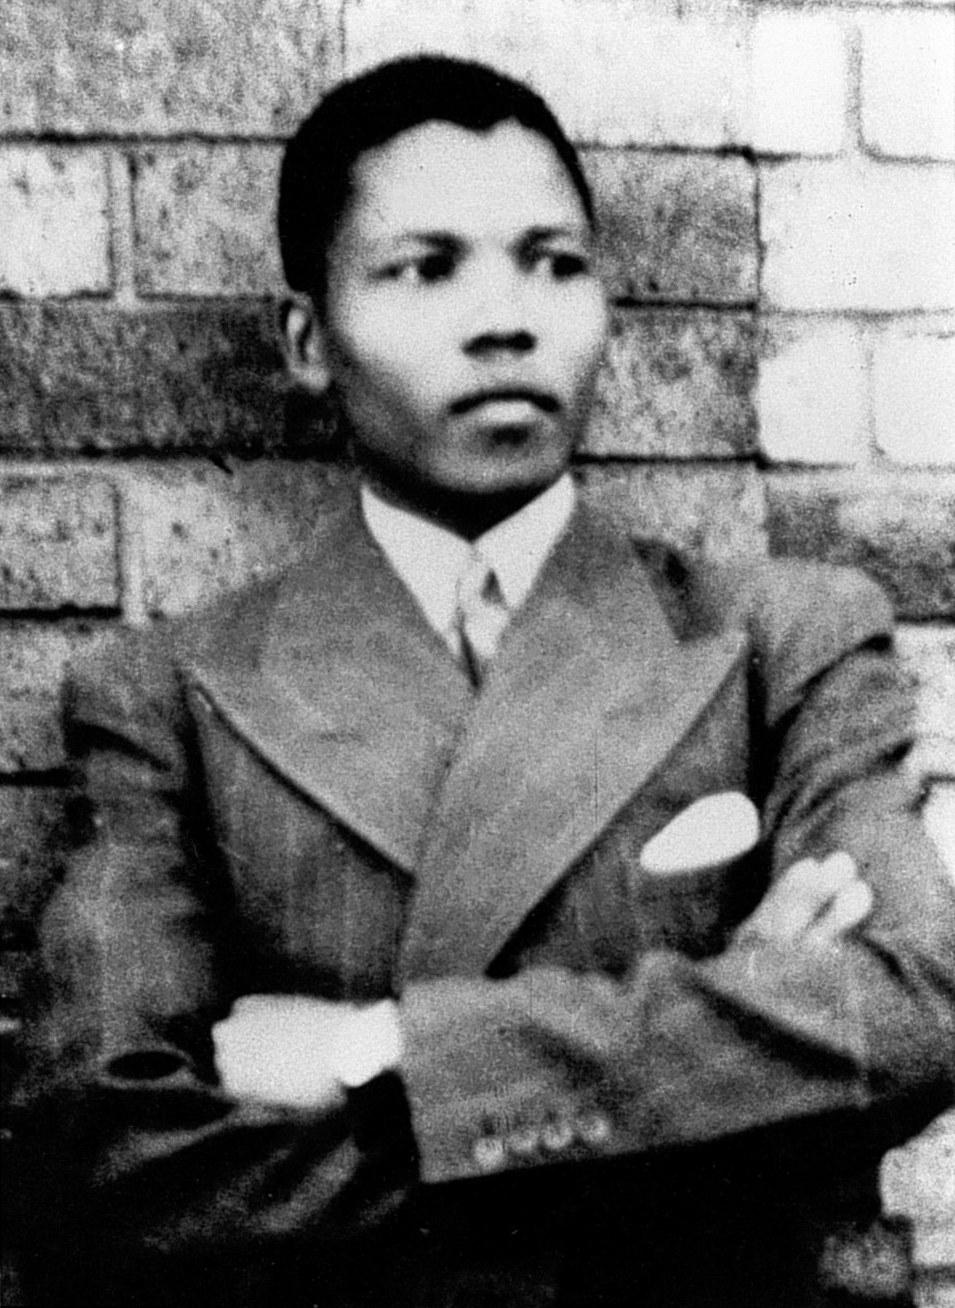 ملفyoung Mandelajpg ويكيبيديا